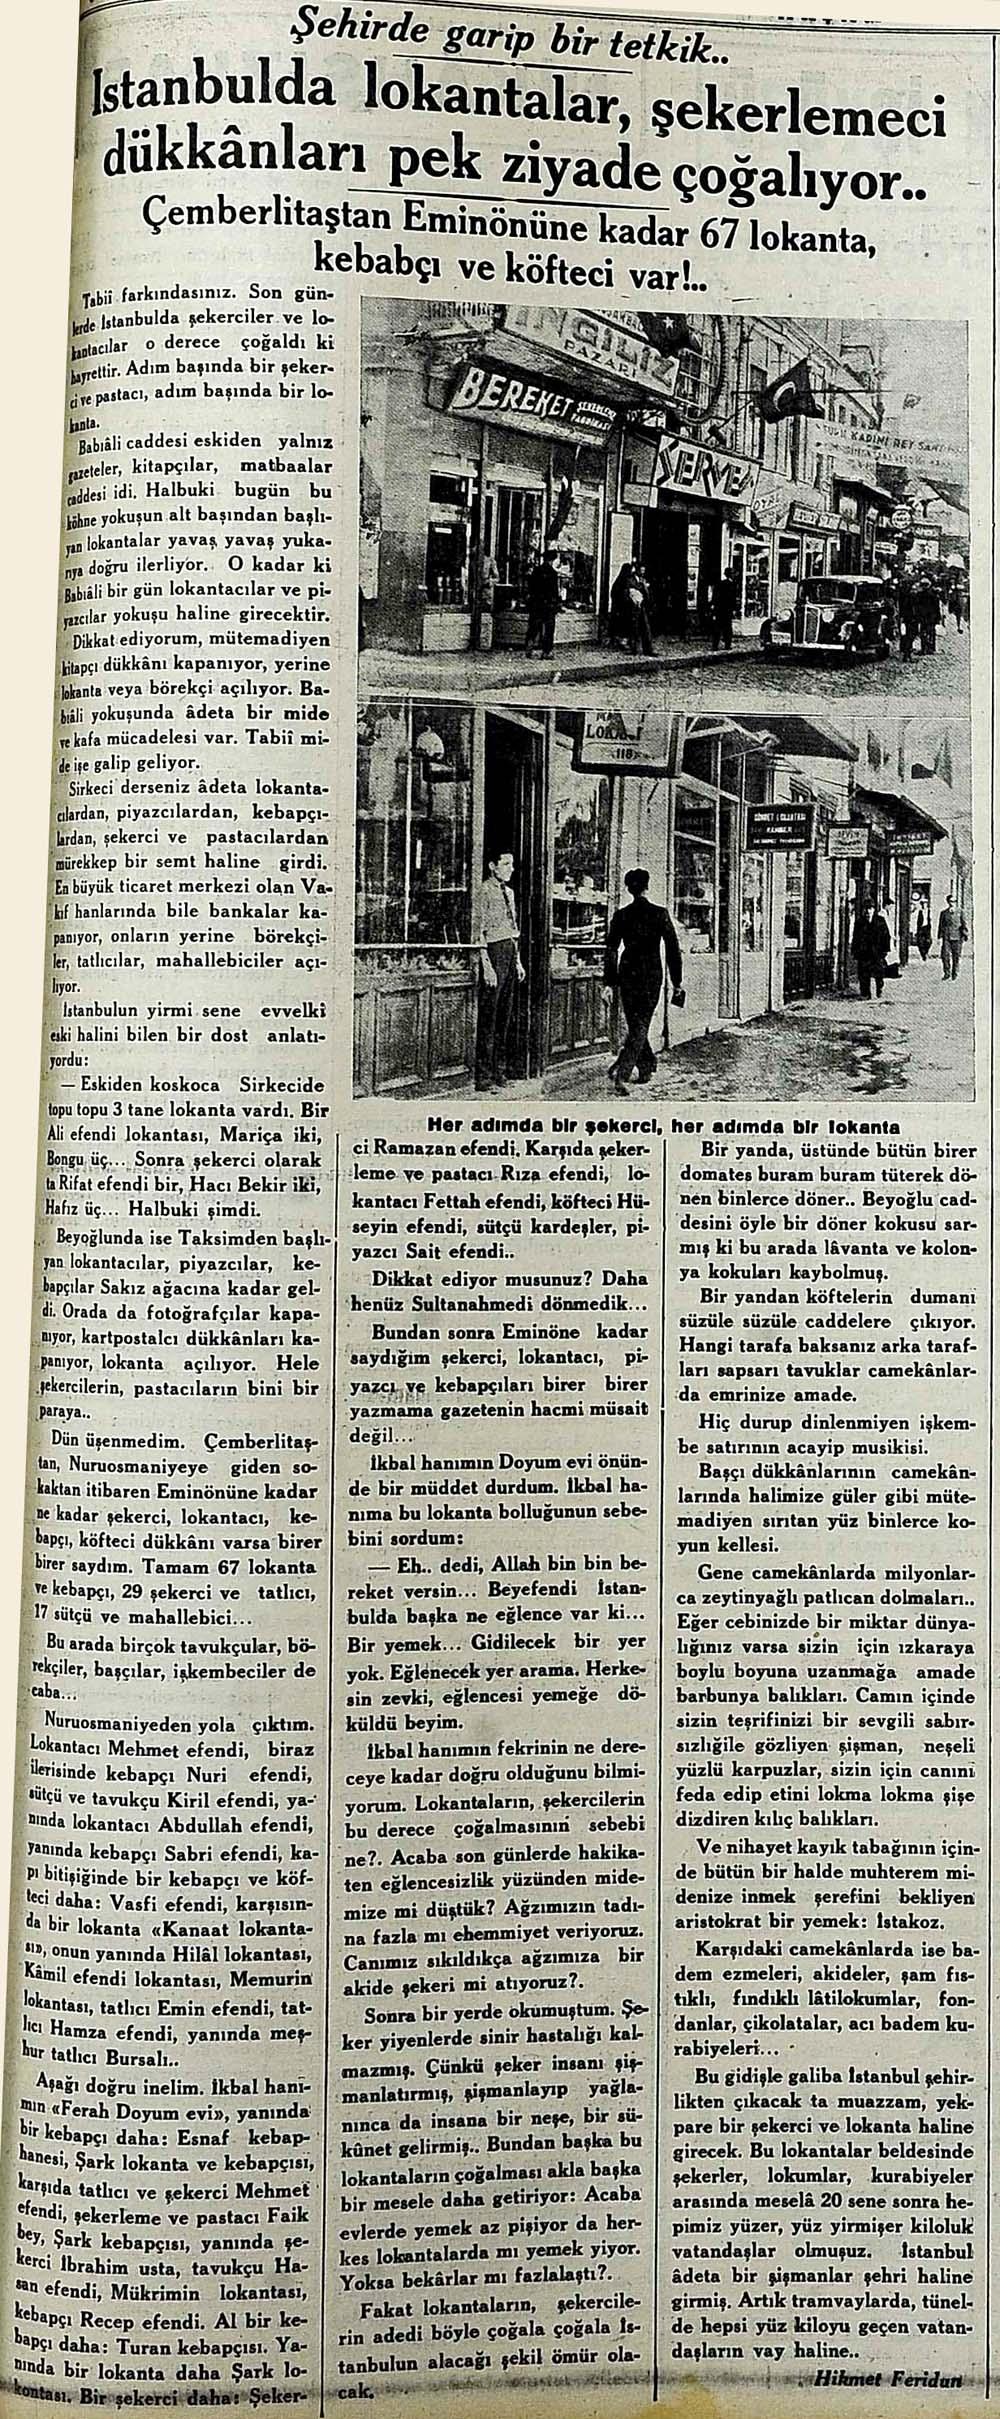 İstanbulda lokantalar, şekerlemeci dükkanları pek ziyade çoğalıyor..